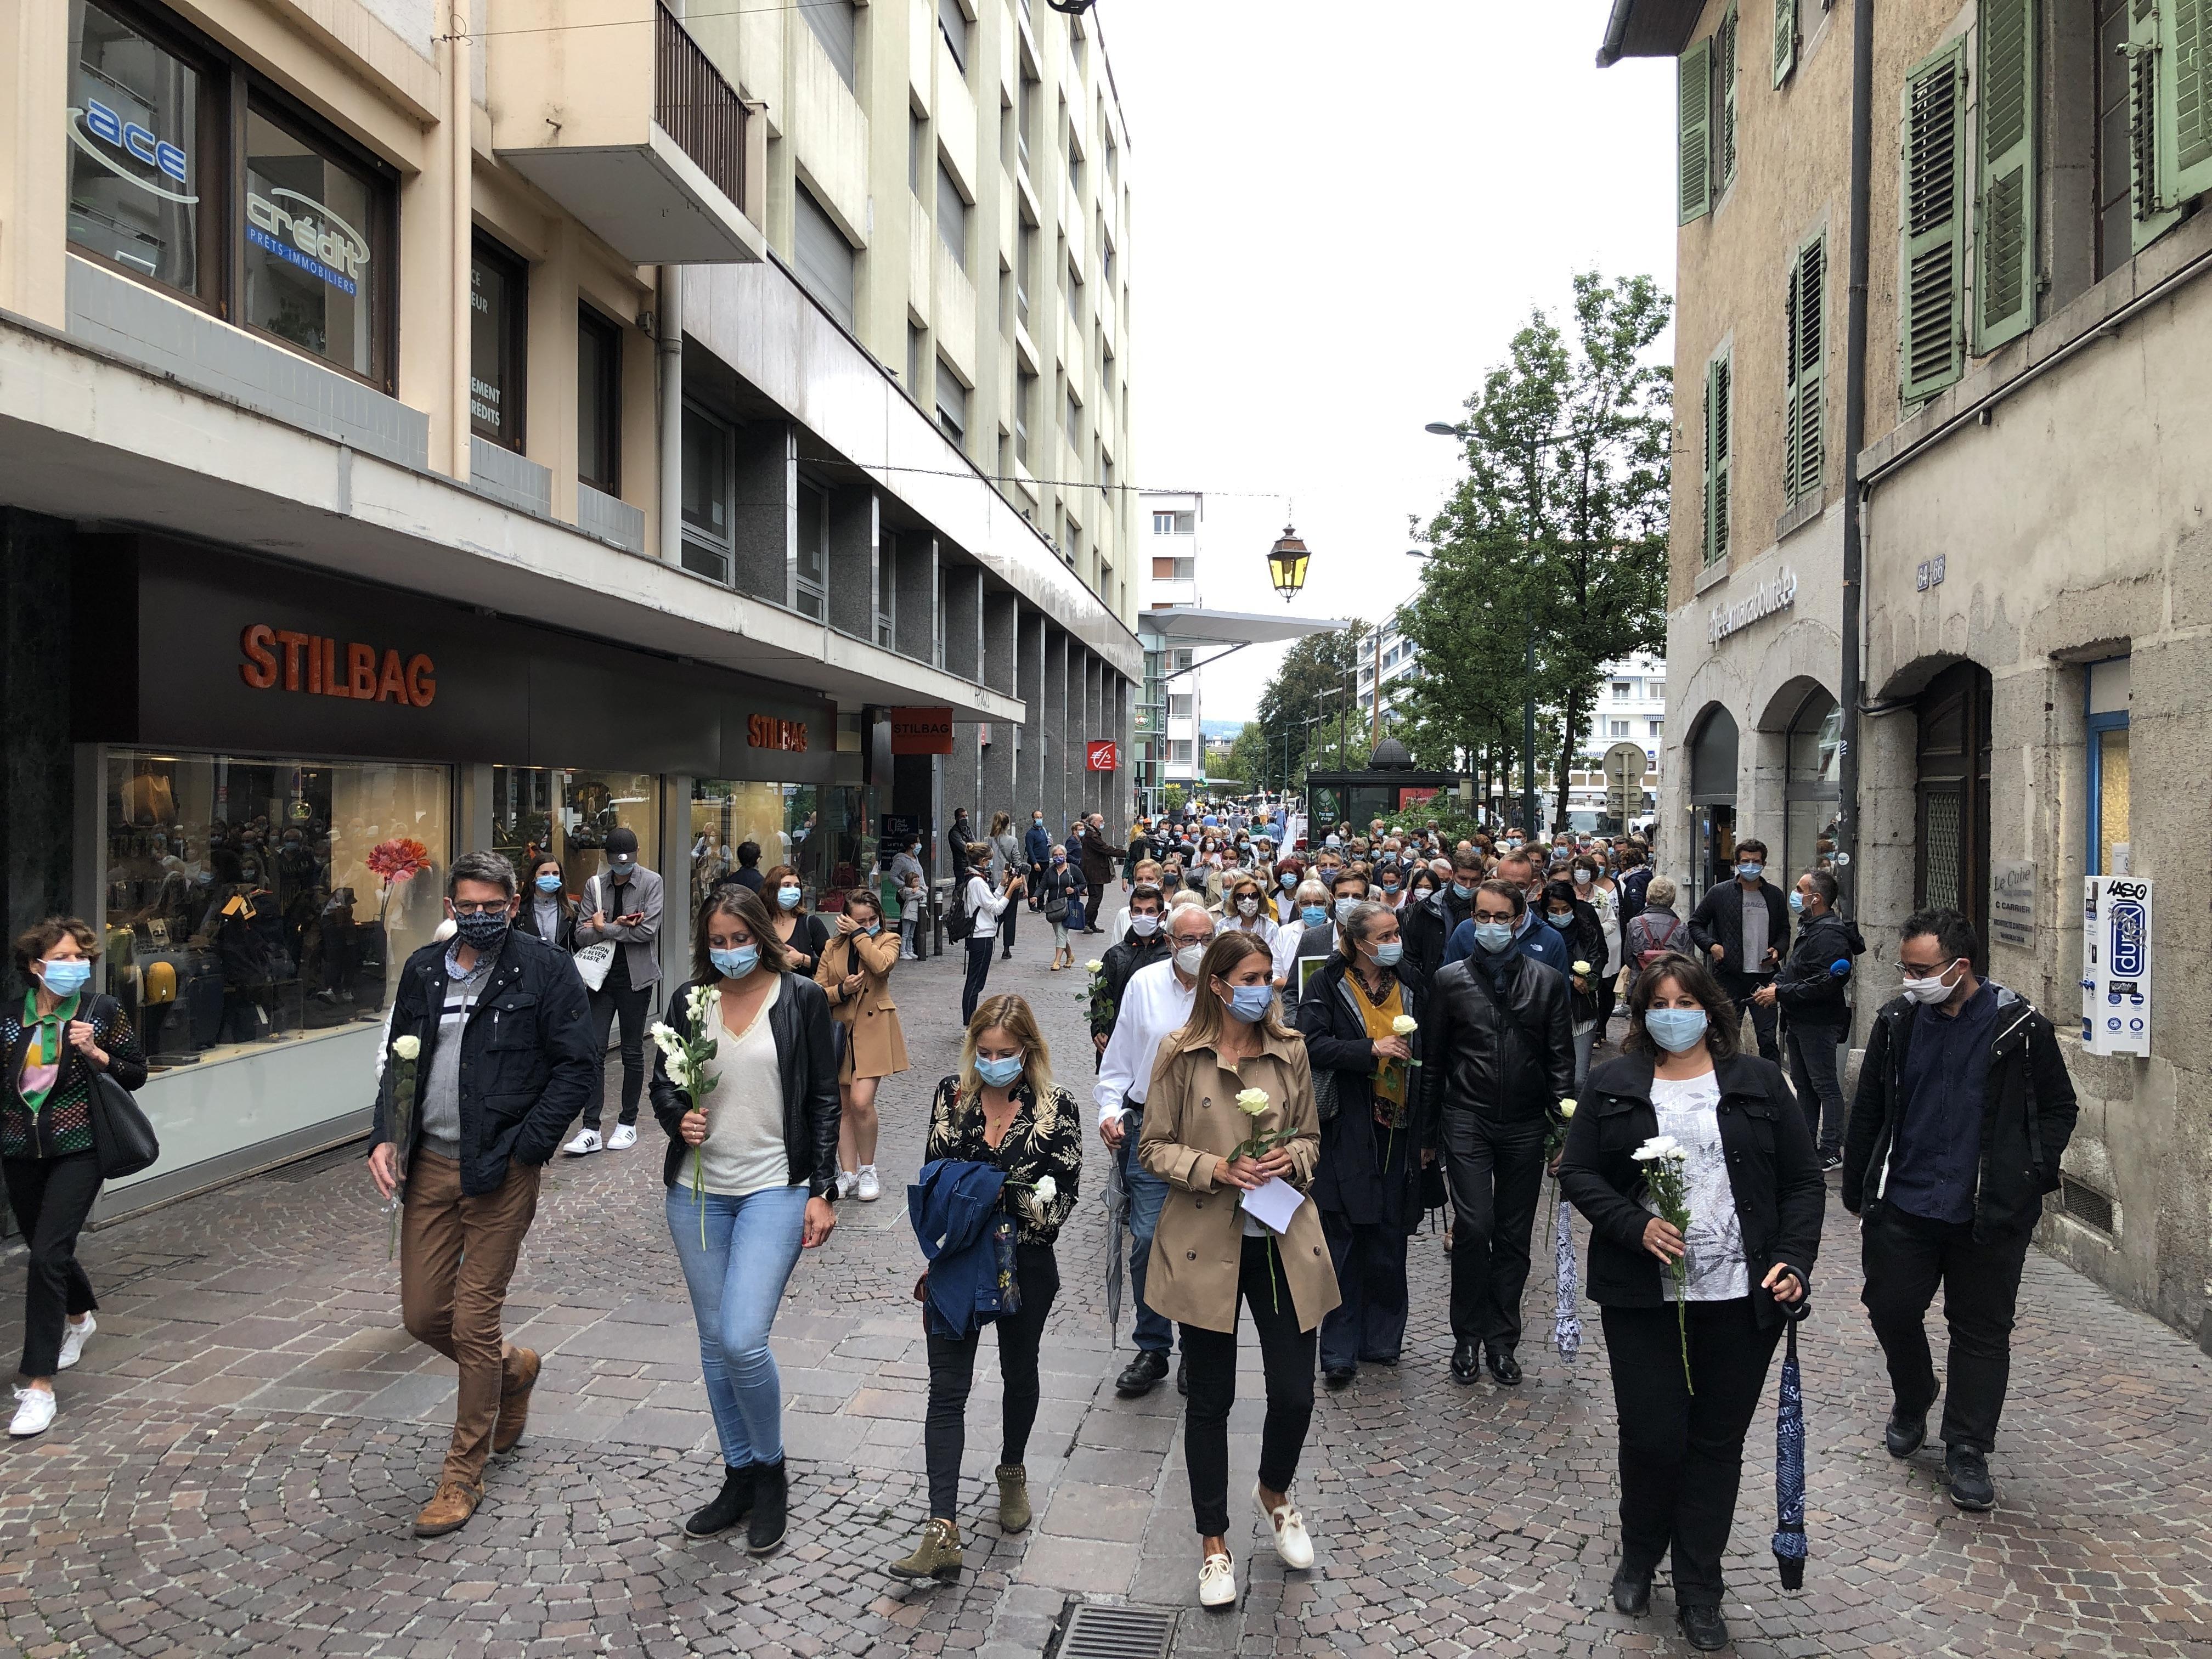 (VIDEOS & PHOTOS) Annecy : près de 300 personnes ont rendu hommage à la jeune psychologue abattue dans son cabinet